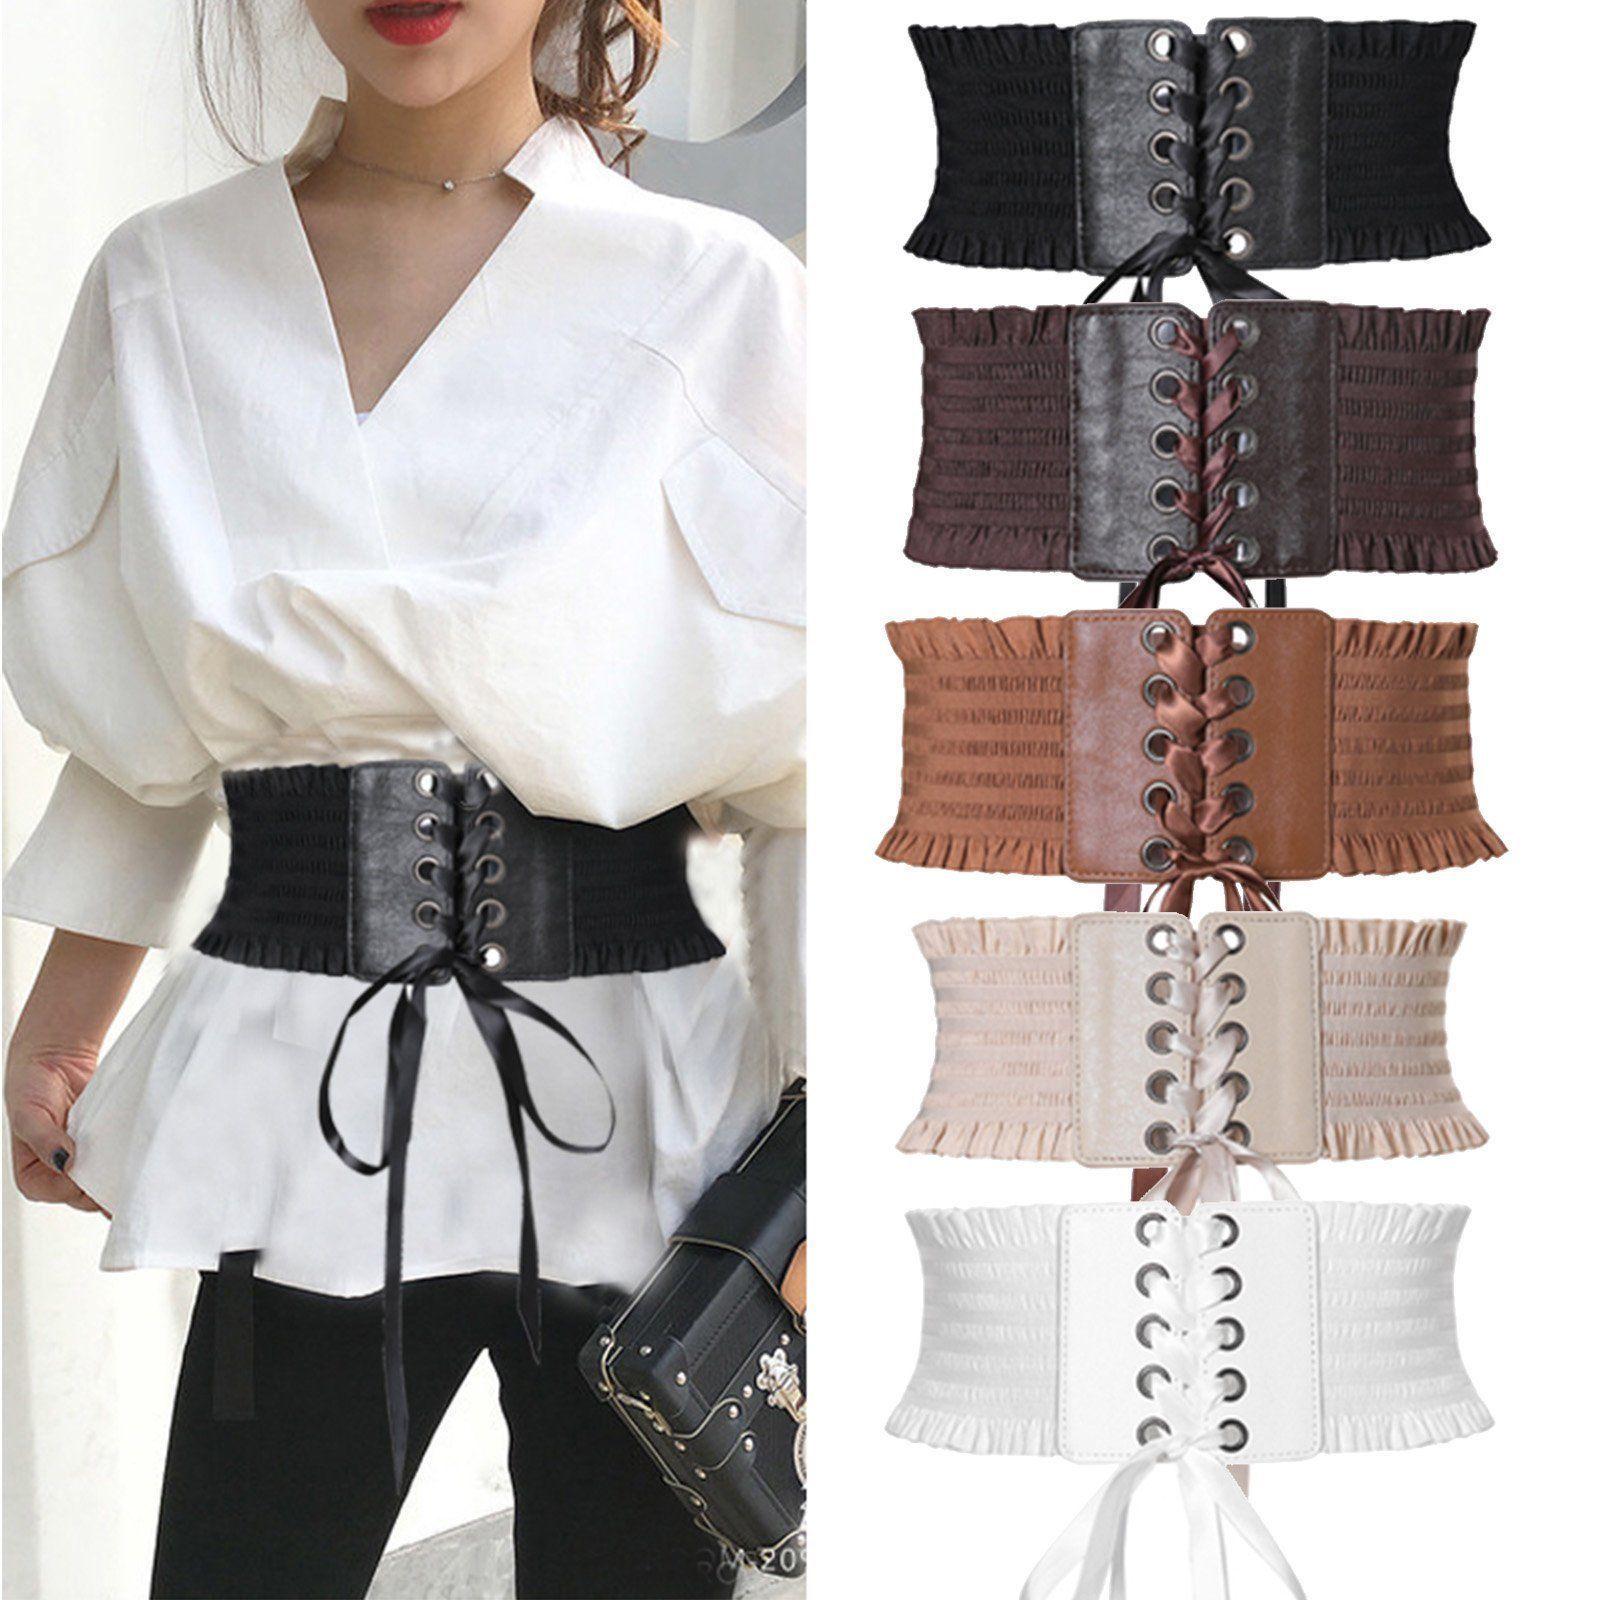 Women Ladies Soft PU Leather Wrap Around Tie Cinch Waist Wide Belt Cummerbund